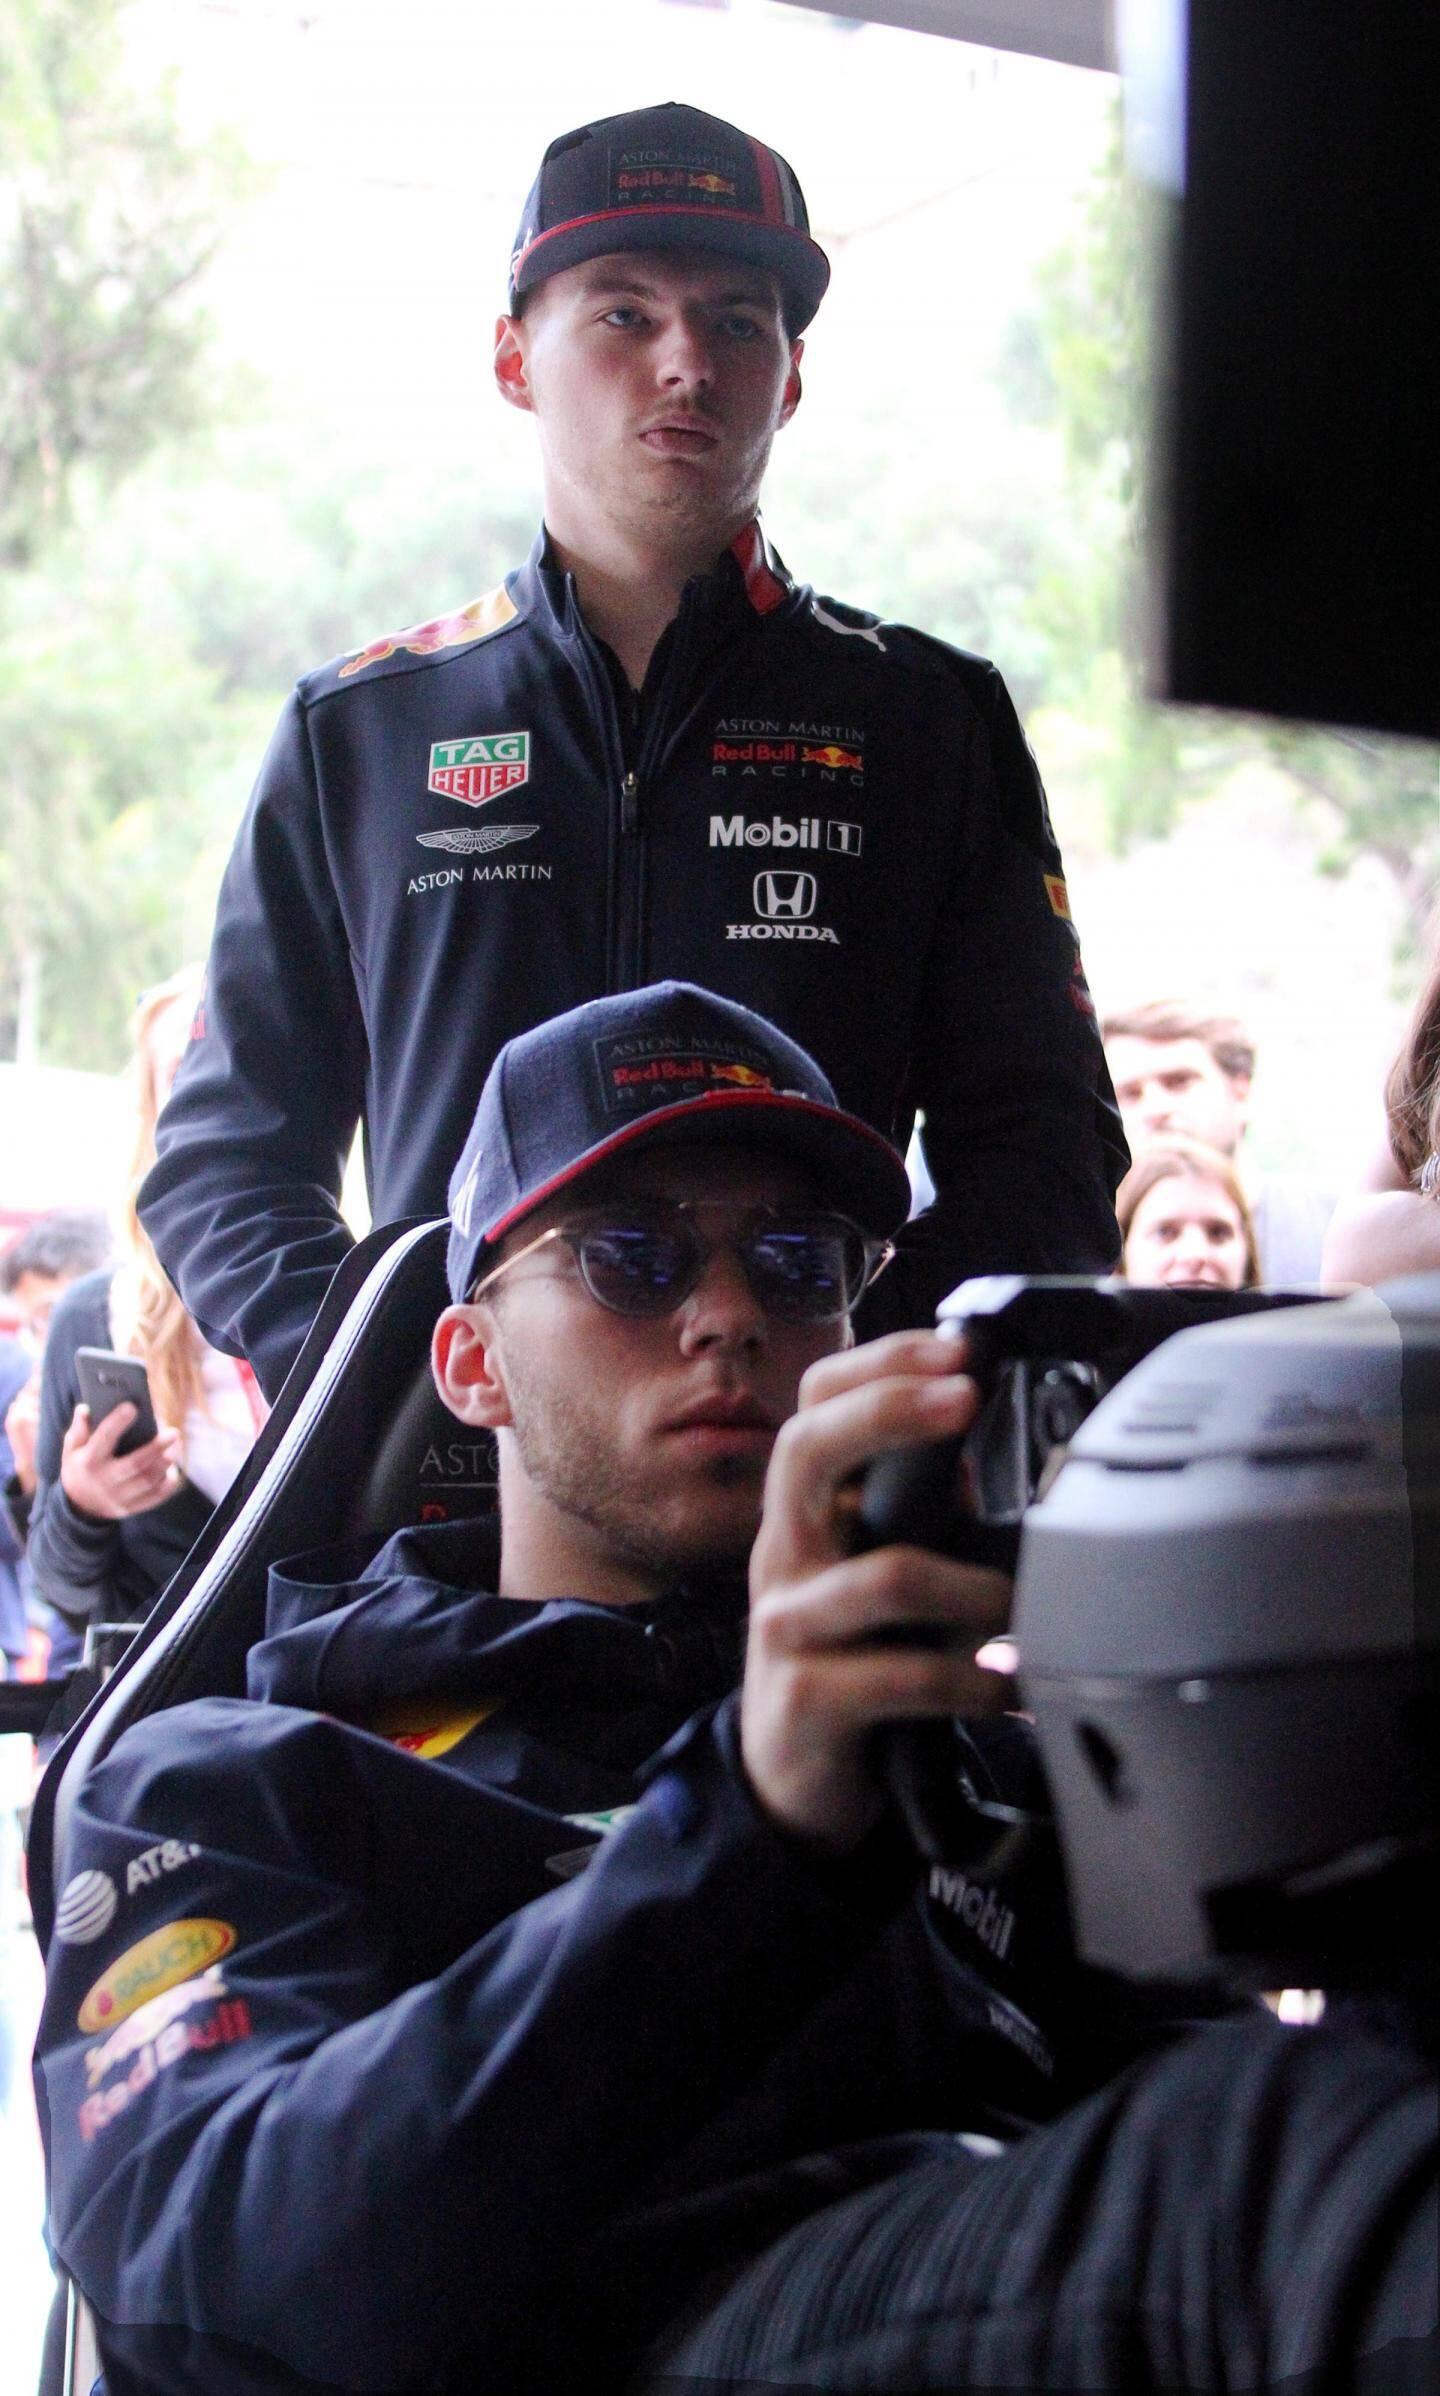 Max Verstappen surveille le chrono de son coéquipier de RedBull sur le simulateur.